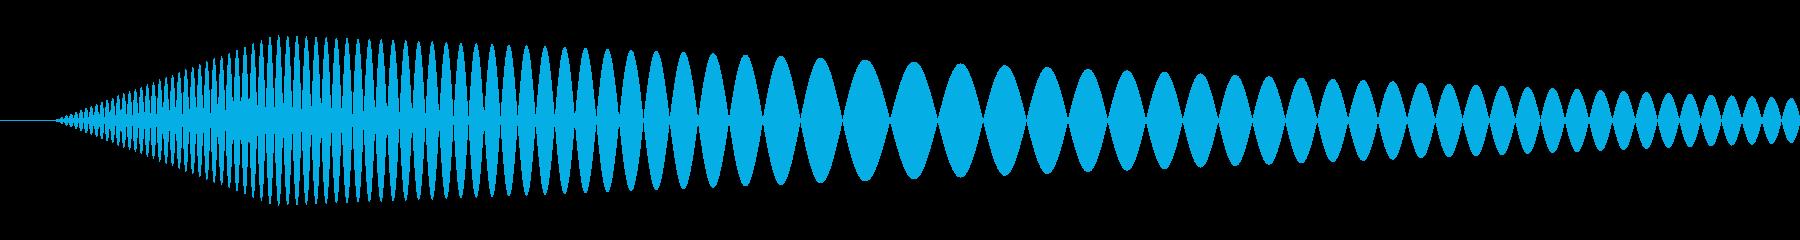 【コミカル】肉球・足音・スタンプの再生済みの波形